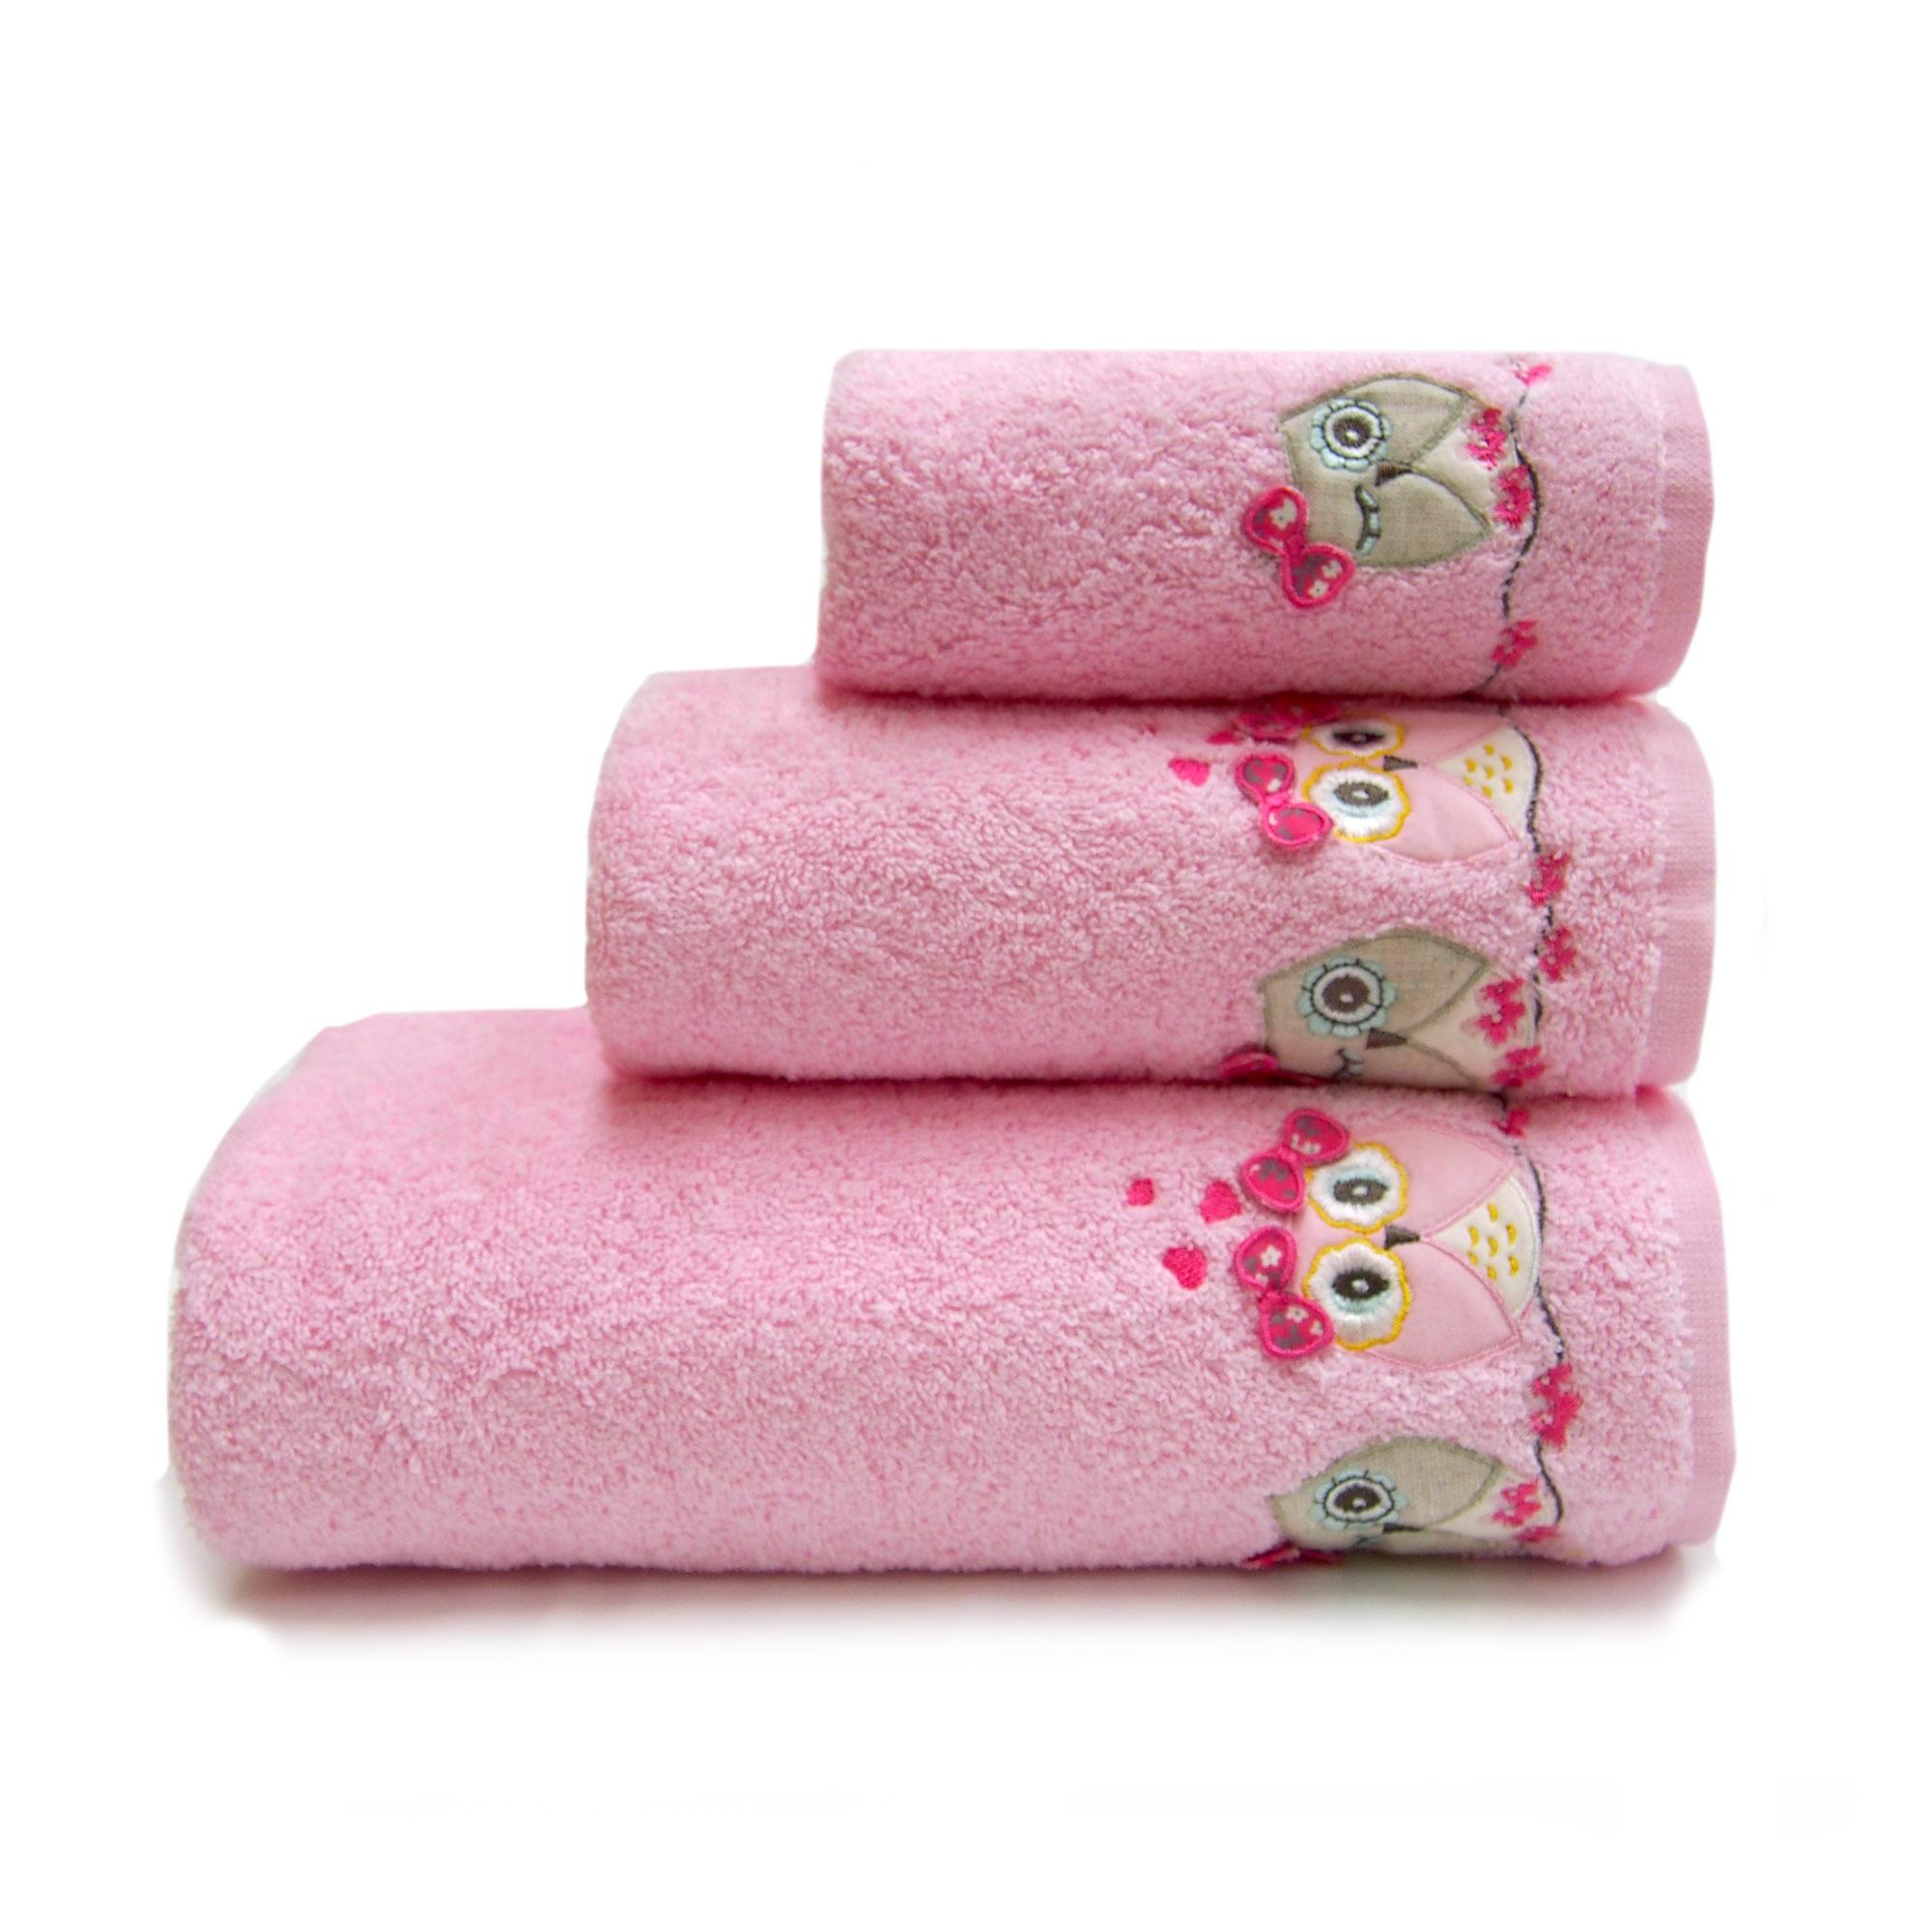 Детское полотенце Sovushka Цвет: Розовый (50х90 см) фото